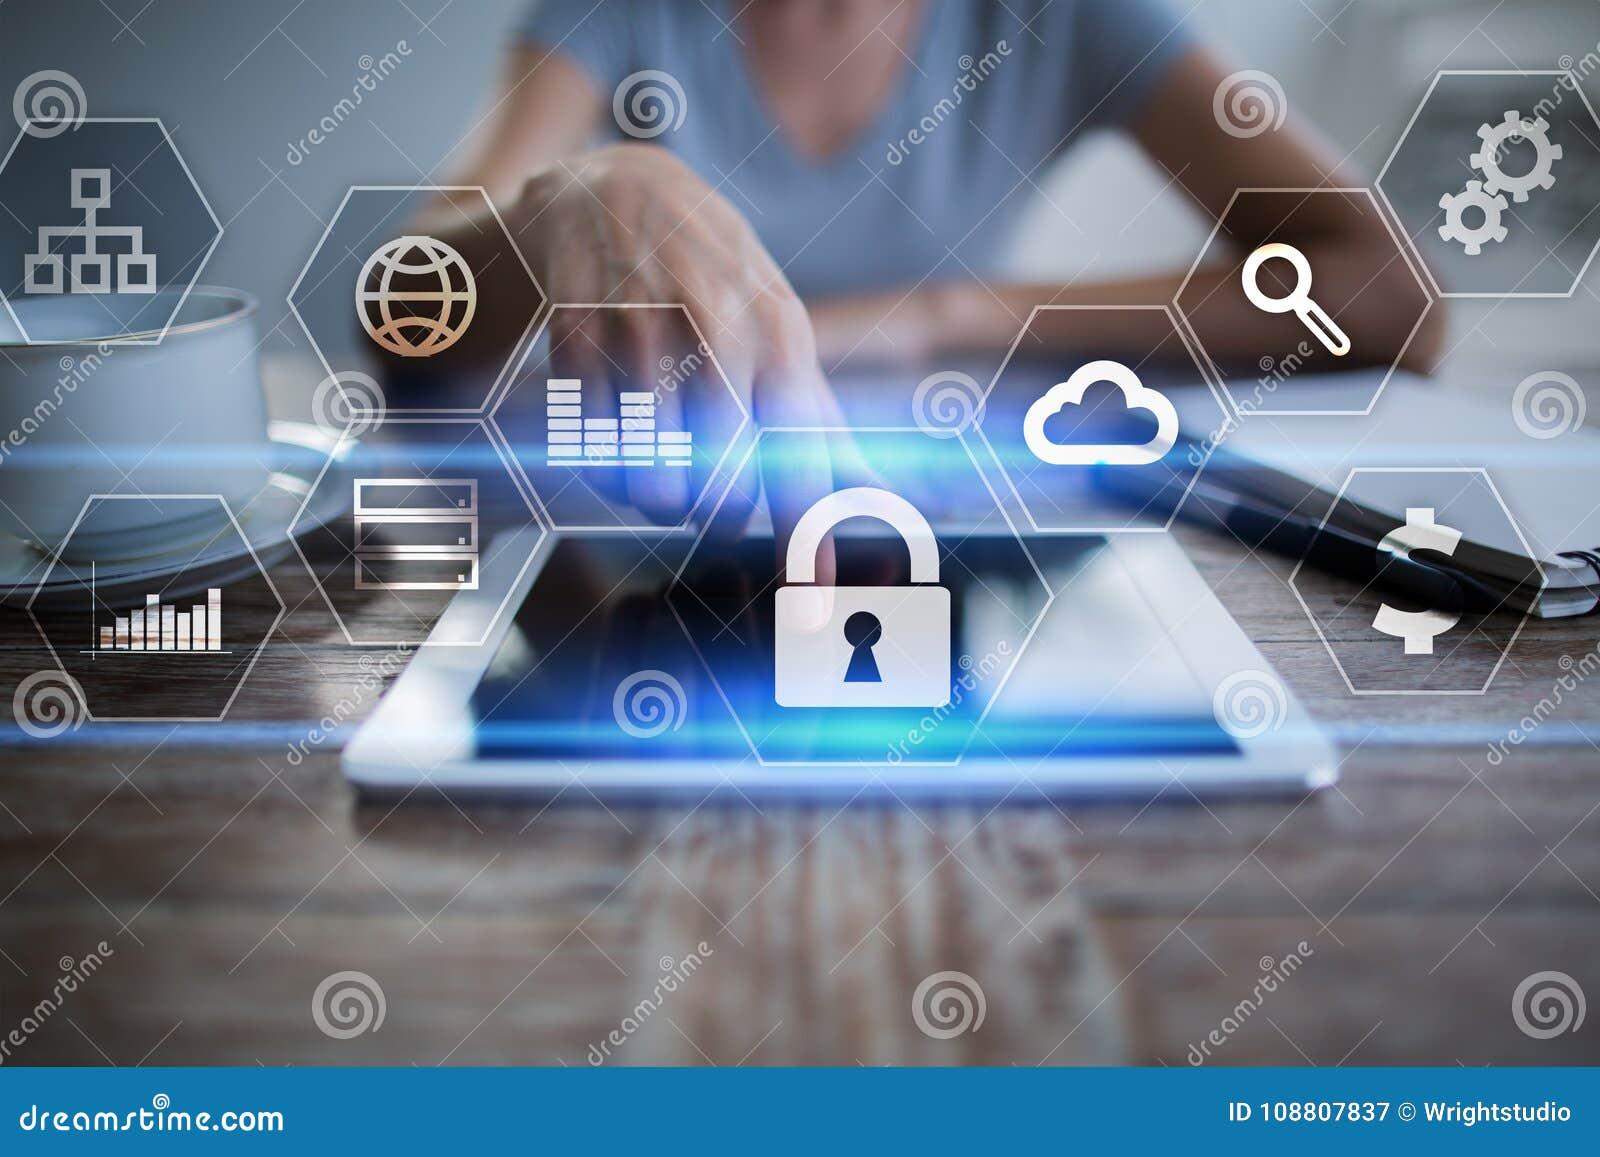 Segurança da proteção de dados, do Cyber, segurança da informação e criptografia tecnologia do Internet e conceito do negócio